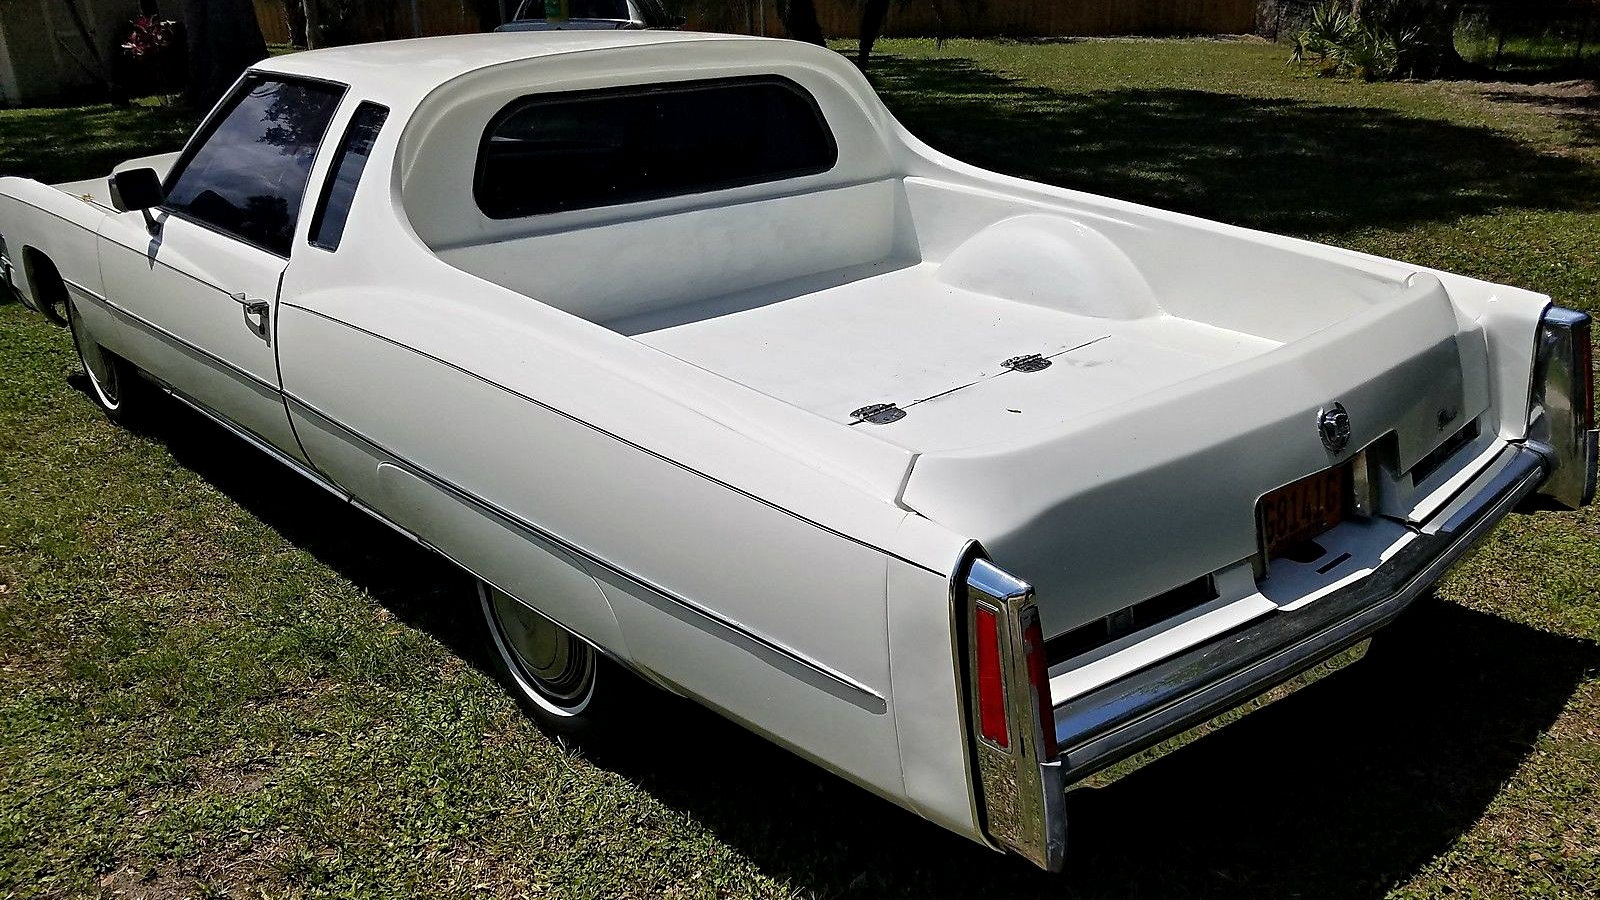 Eldo Camino 1974 Cadillac Eldorado